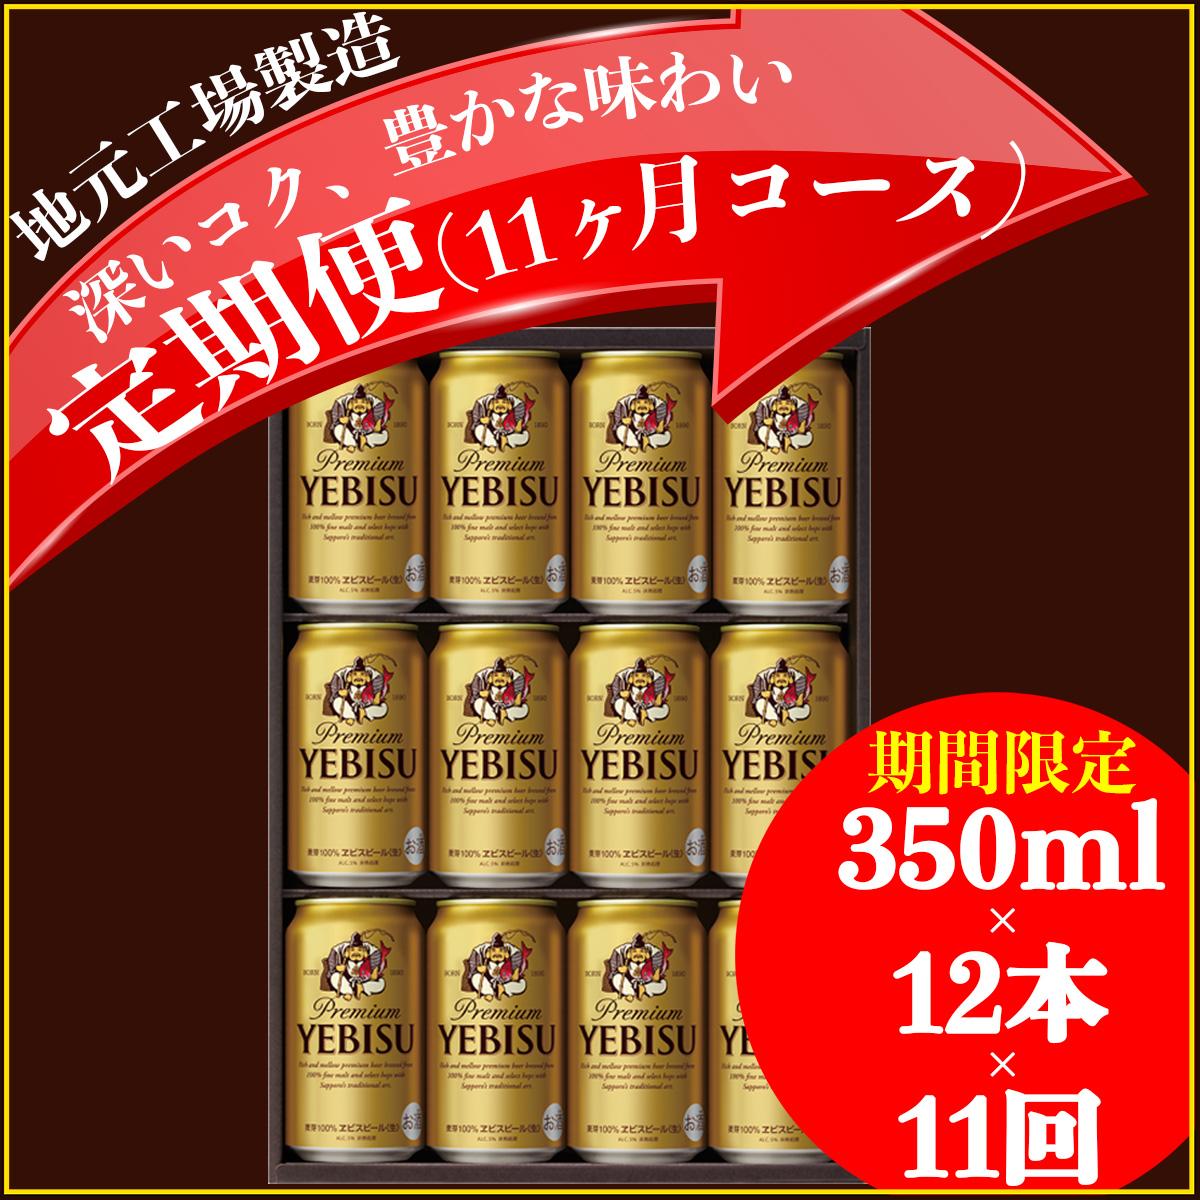 【ふるさと納税】【毎月お届け定期便】地元名取生産 ヱビスビール(350ml×12本)11回お届け